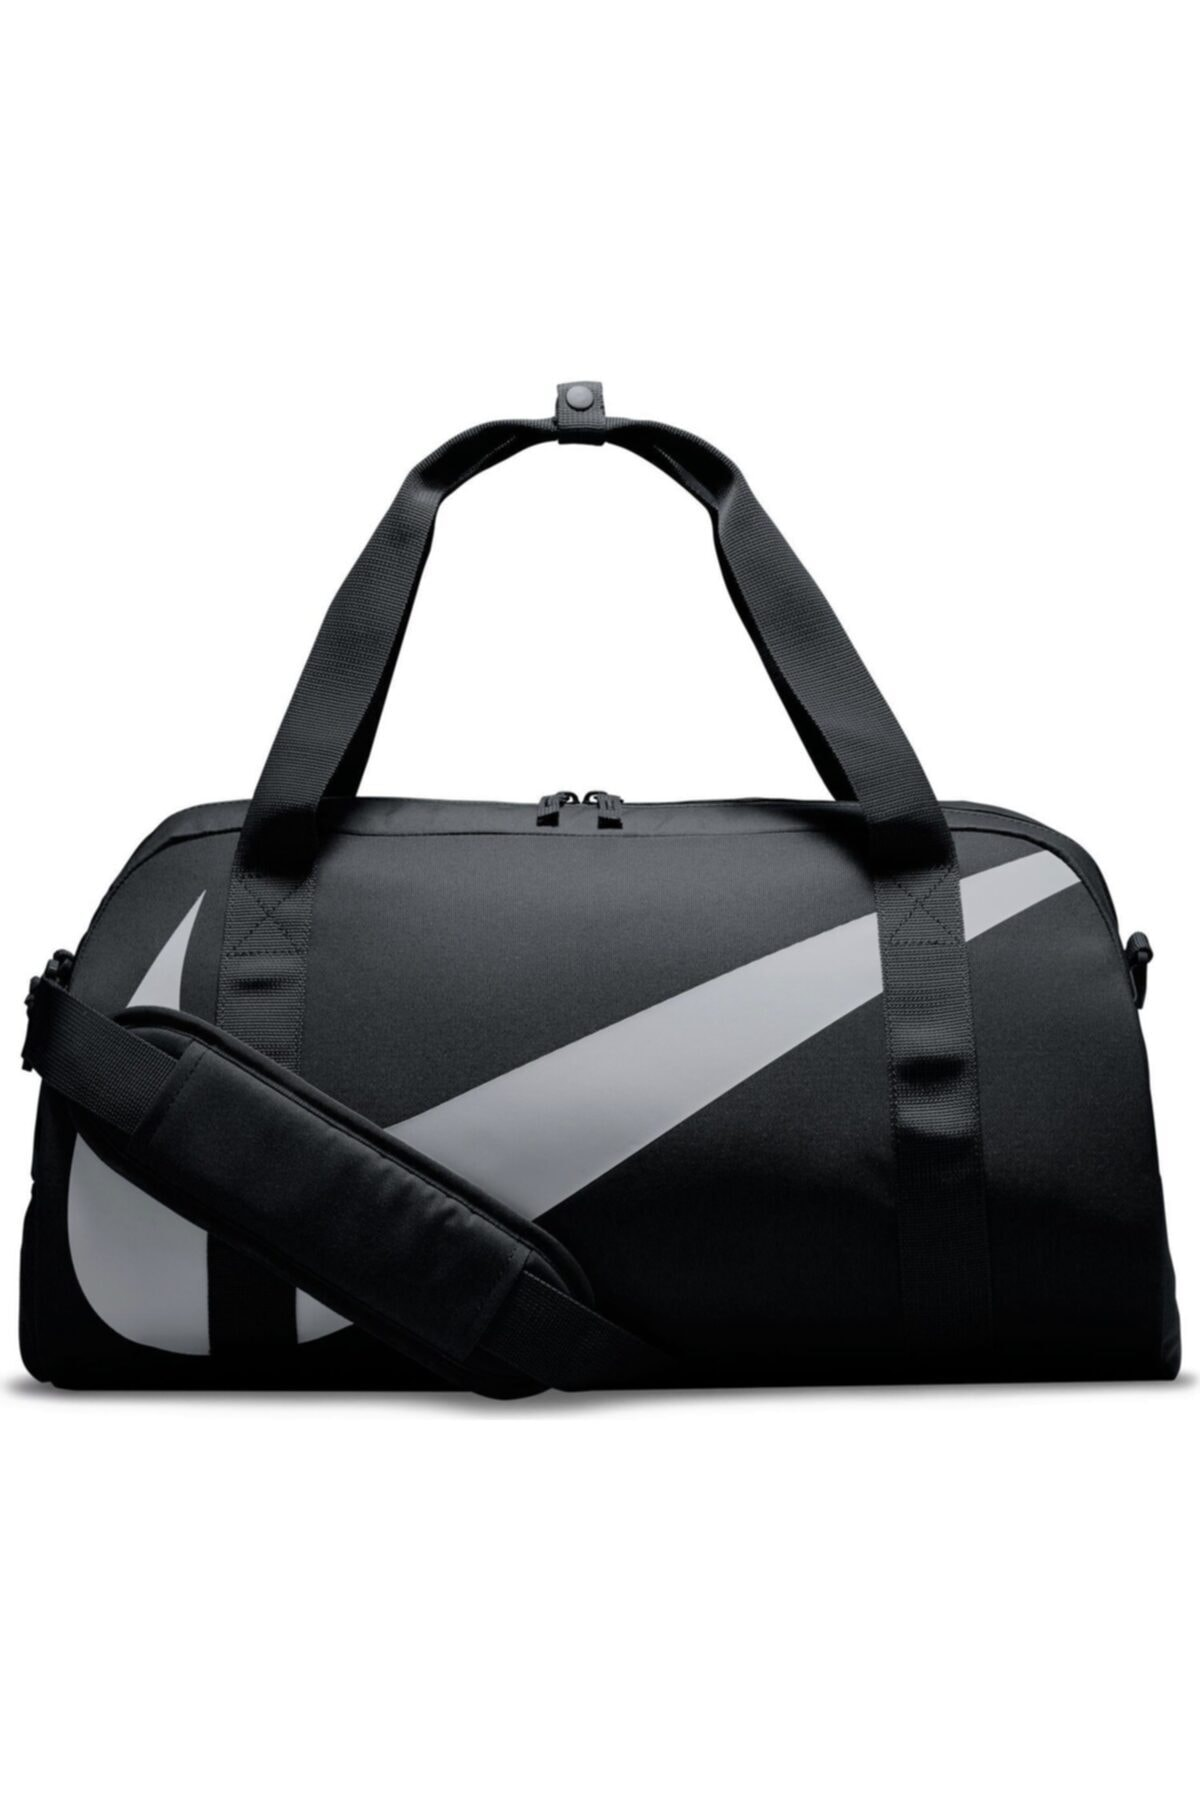 Nike Unisex Siyah Orta Boy Spor Çantası Ba5567-010 48 Cm 1